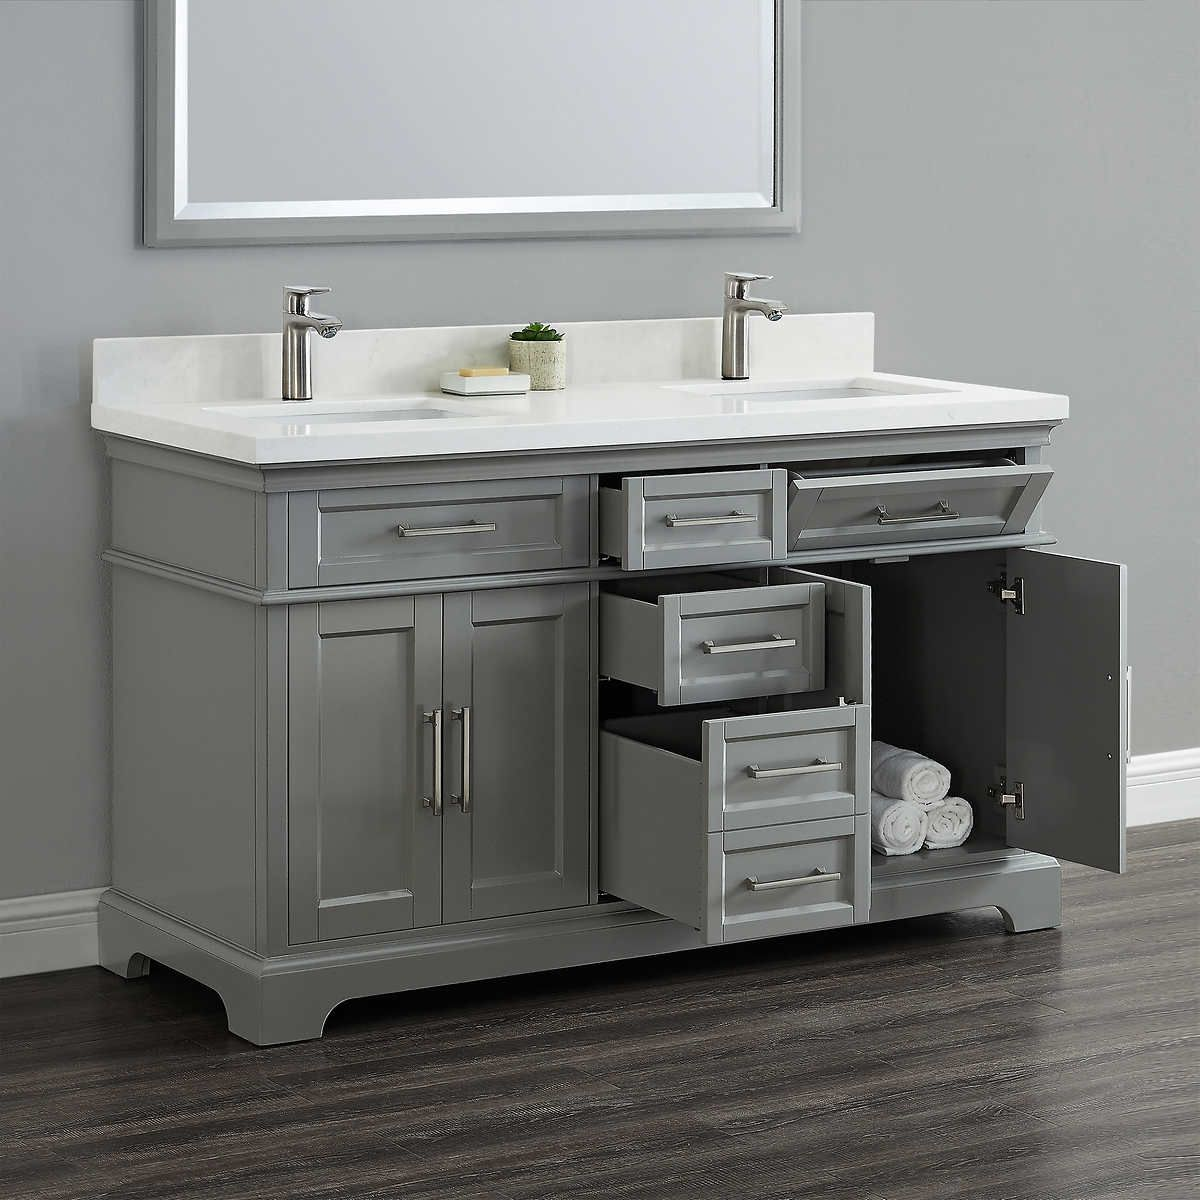 Pin By Dawn Grady On Shower Double Sink Vanity Vanity Sink Vanity